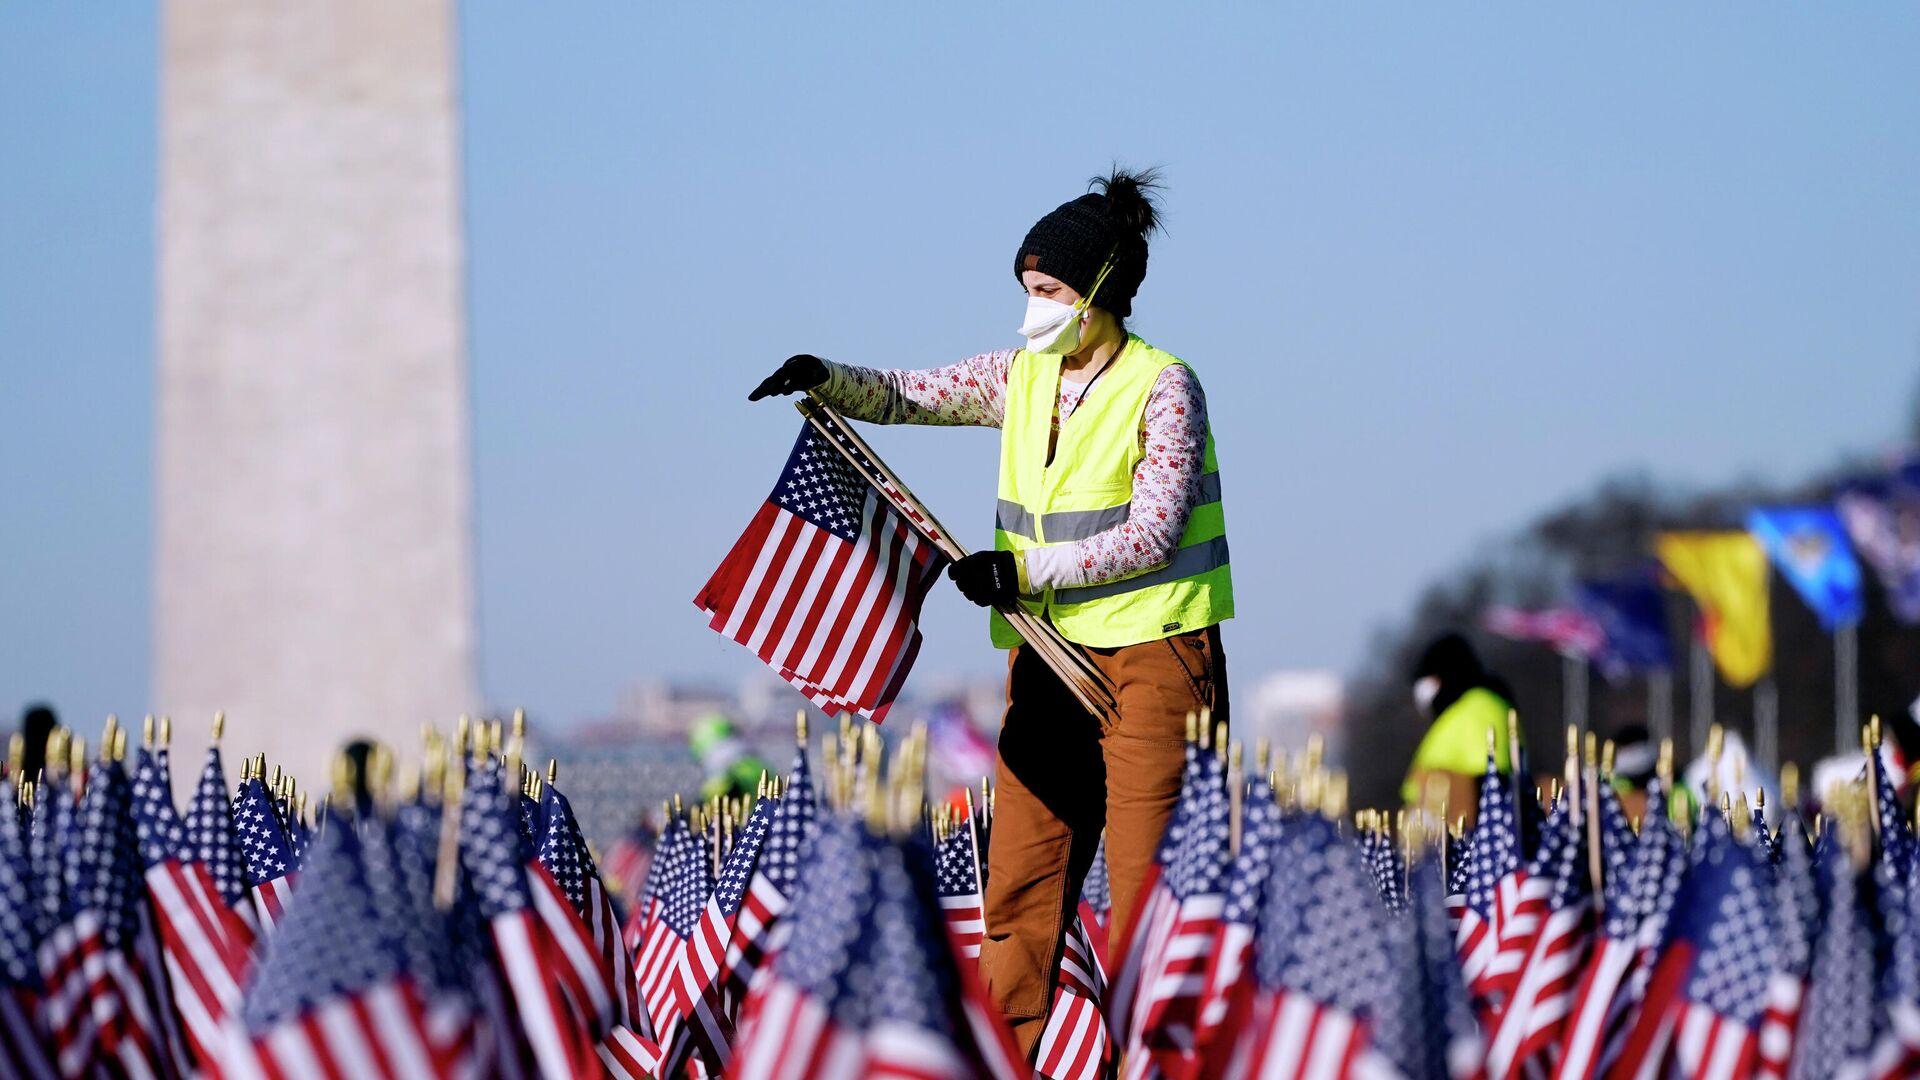 Женщина убирает флаги с Национальной аллеи после инаугурации президента США Джо Байдена в Вашингтоне - РИА Новости, 1920, 29.01.2021